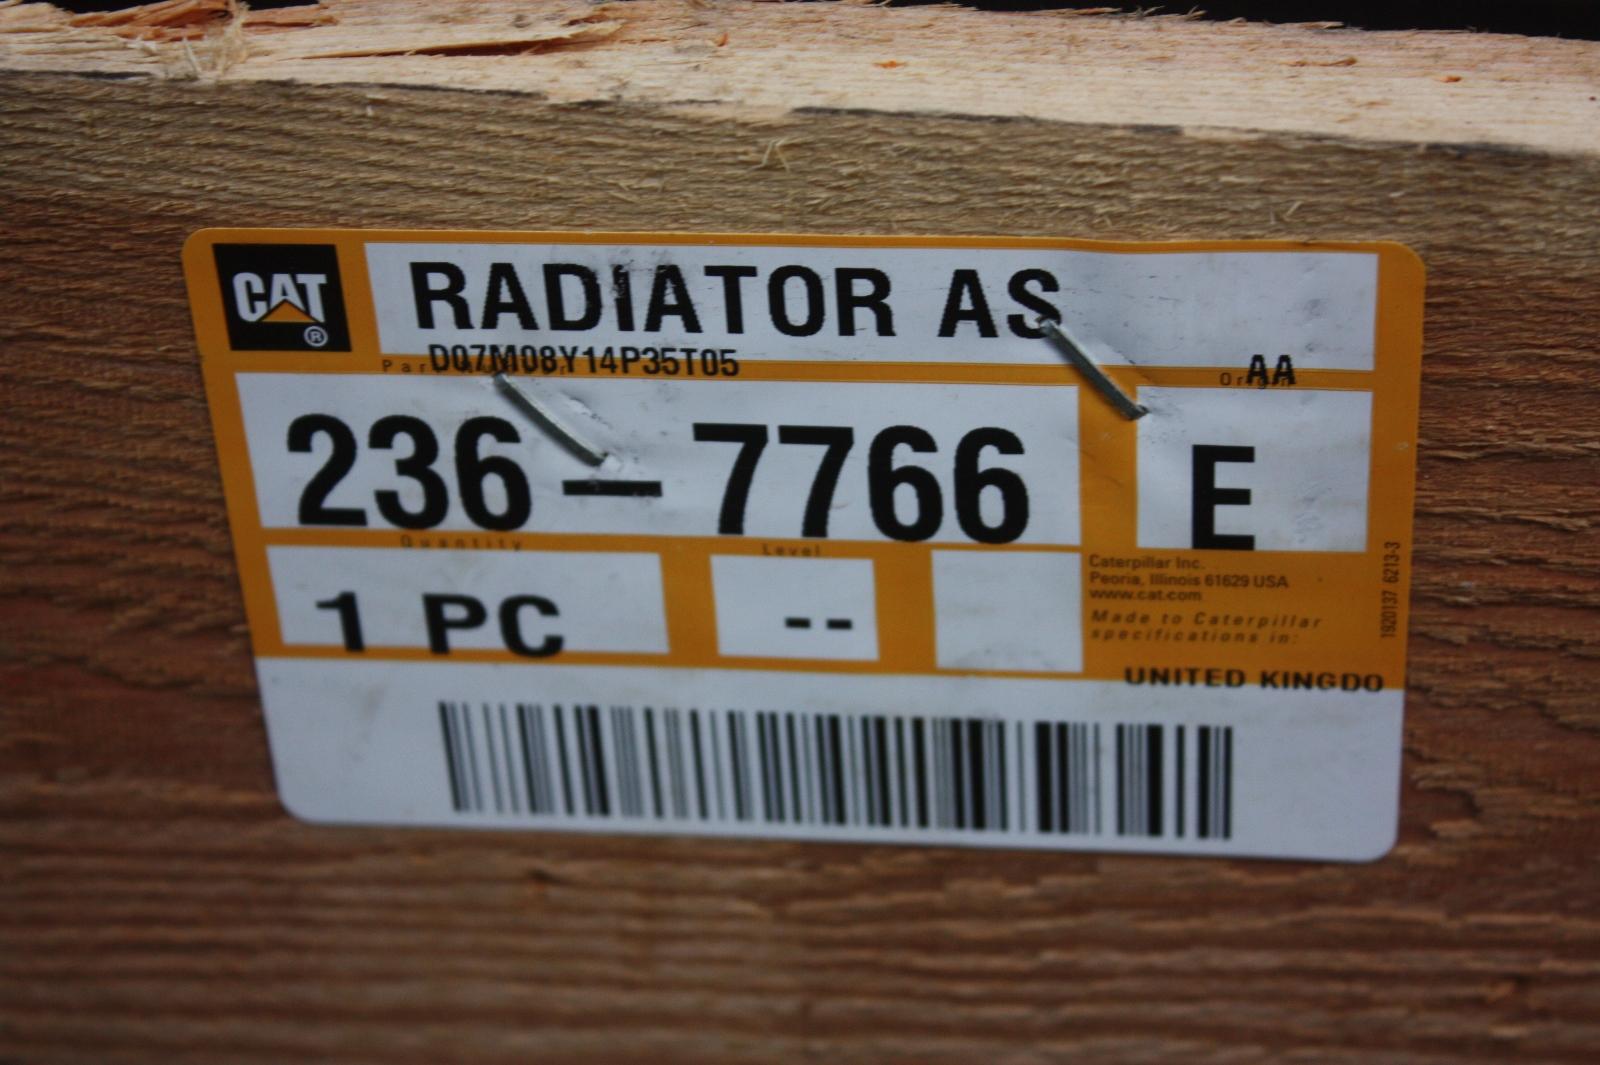 Caterpillar Radiator Implement Van Dijk Heavy Equipment